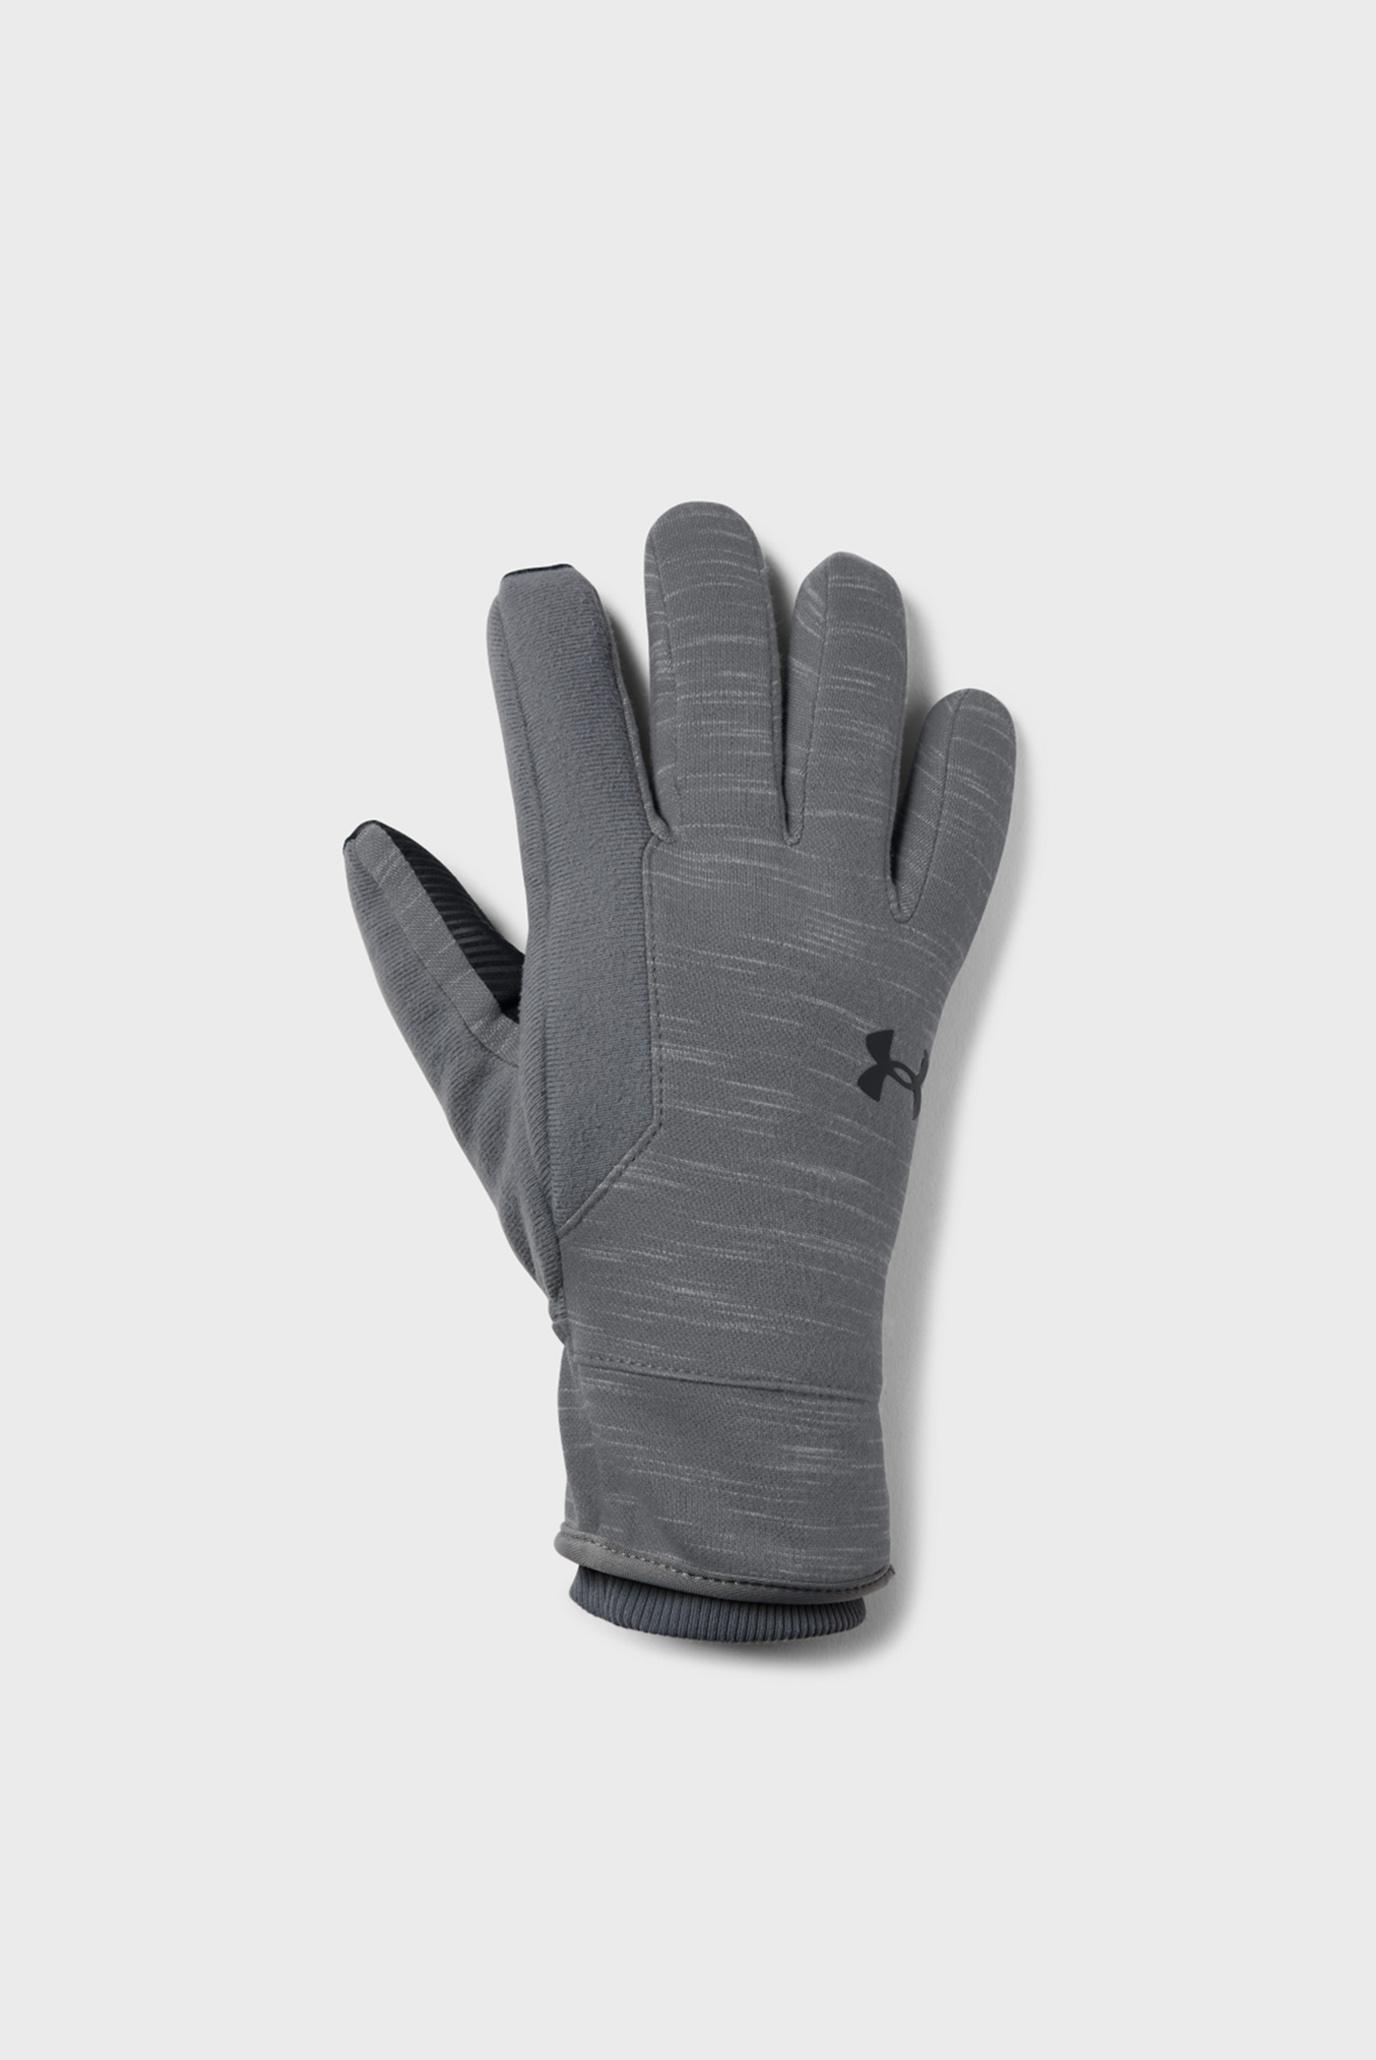 Купить Мужские серые перчатки Men's CGI Elements Glove Under Armour Under Armour 1321239-040 – Киев, Украина. Цены в интернет магазине MD Fashion